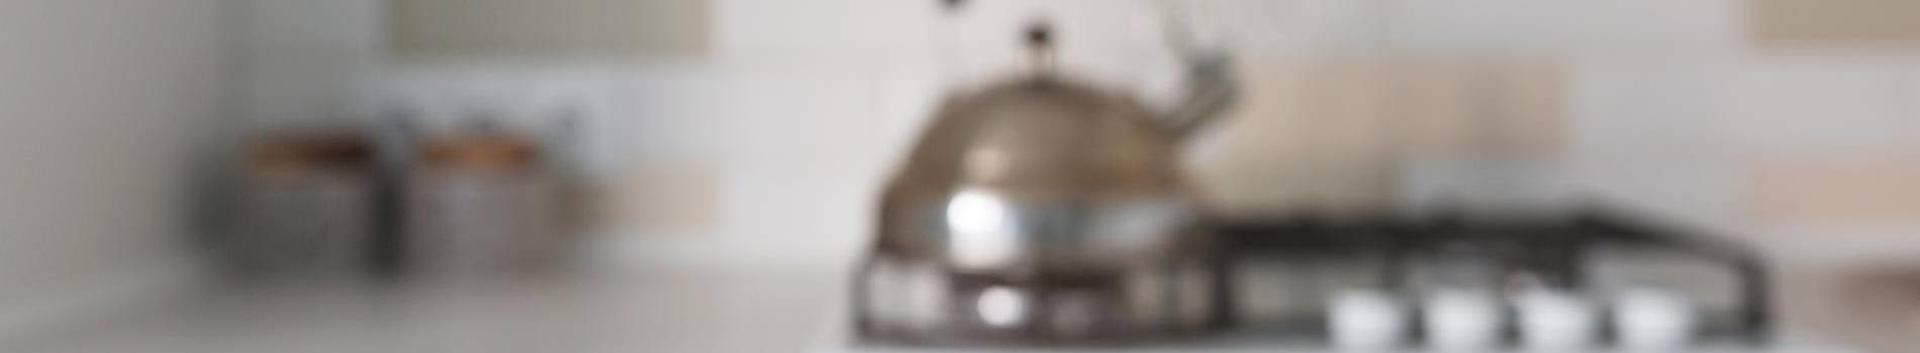 köögimööbel, köögisisustus, mööbli furnituurid ja materjalid, mööbli müük, mööblisalongid, mööbli valmistamine, mööblitööstus, Köögimööbel ja tarvikud, Kontorimööbel, Mööbel